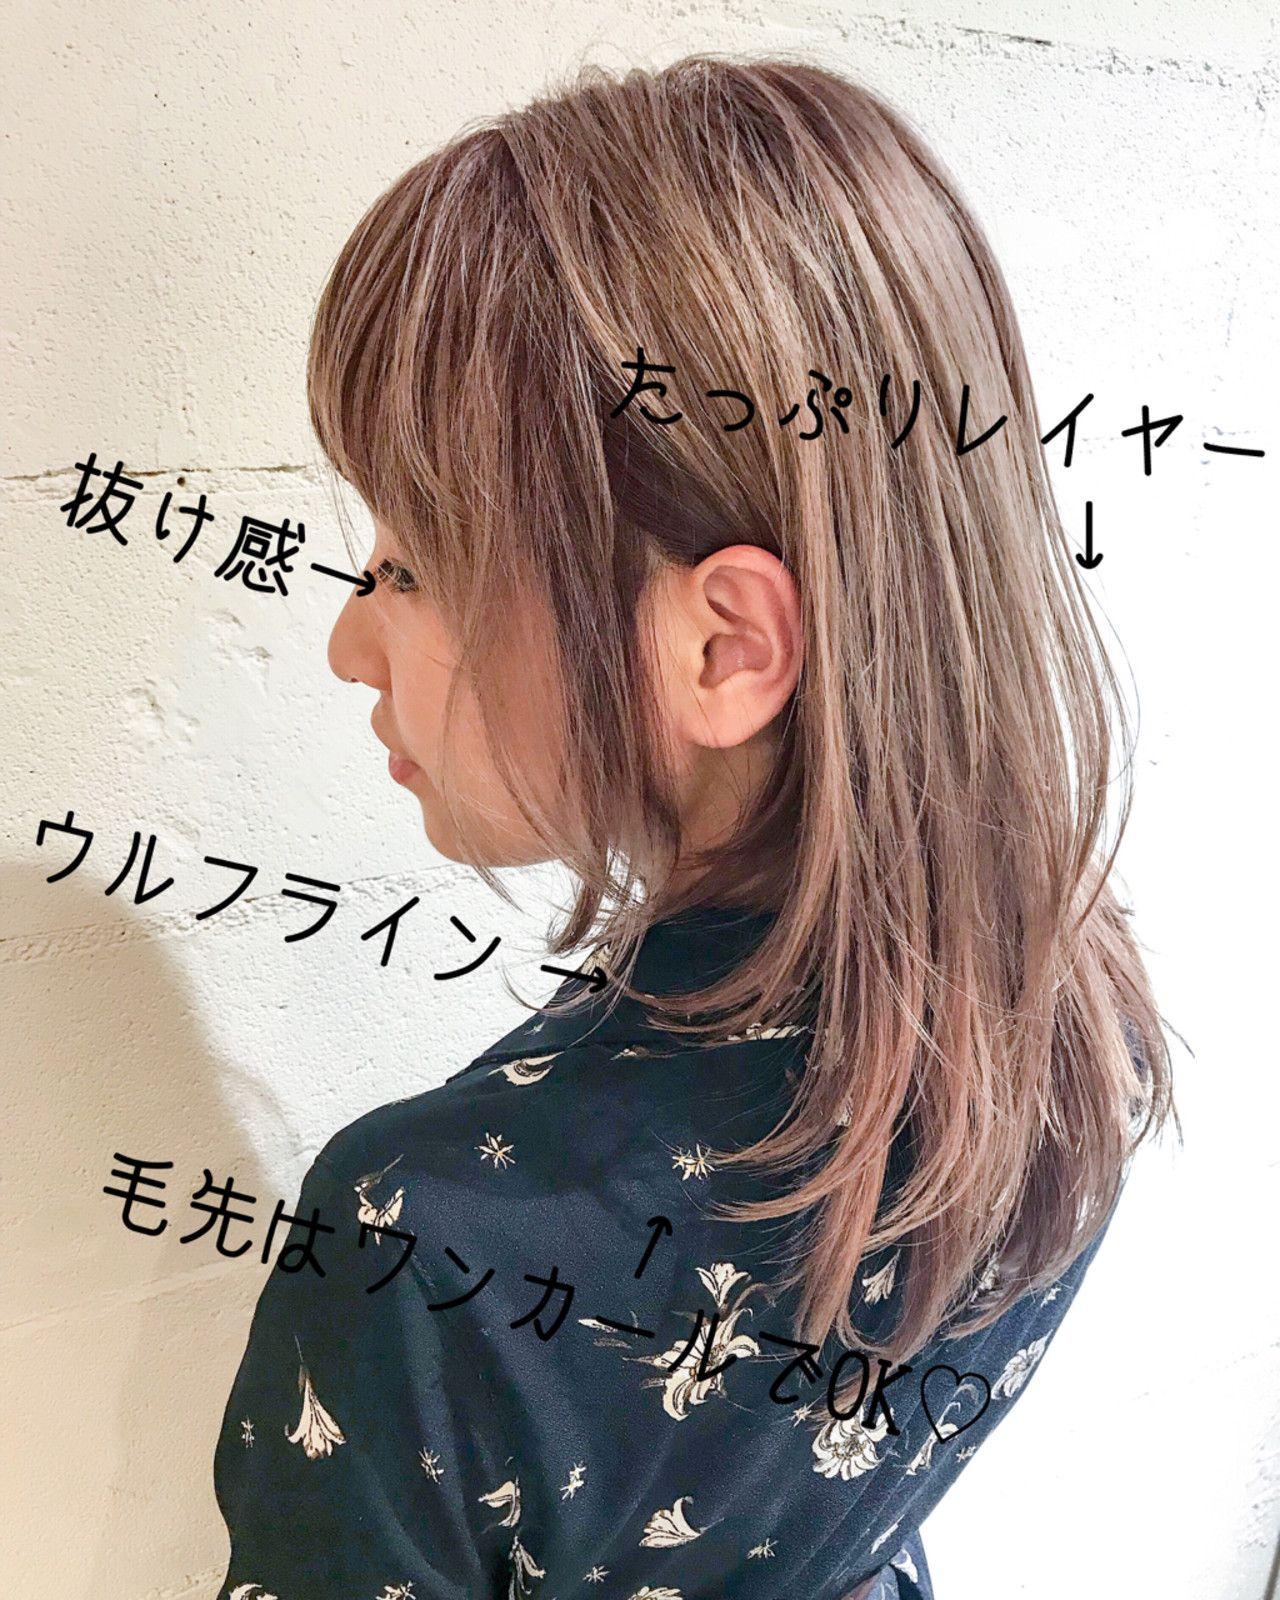 重めはもう飽きた という人向けの可愛いウルフセミロング ヘアスタイル ロング ロングウルフ 髪型